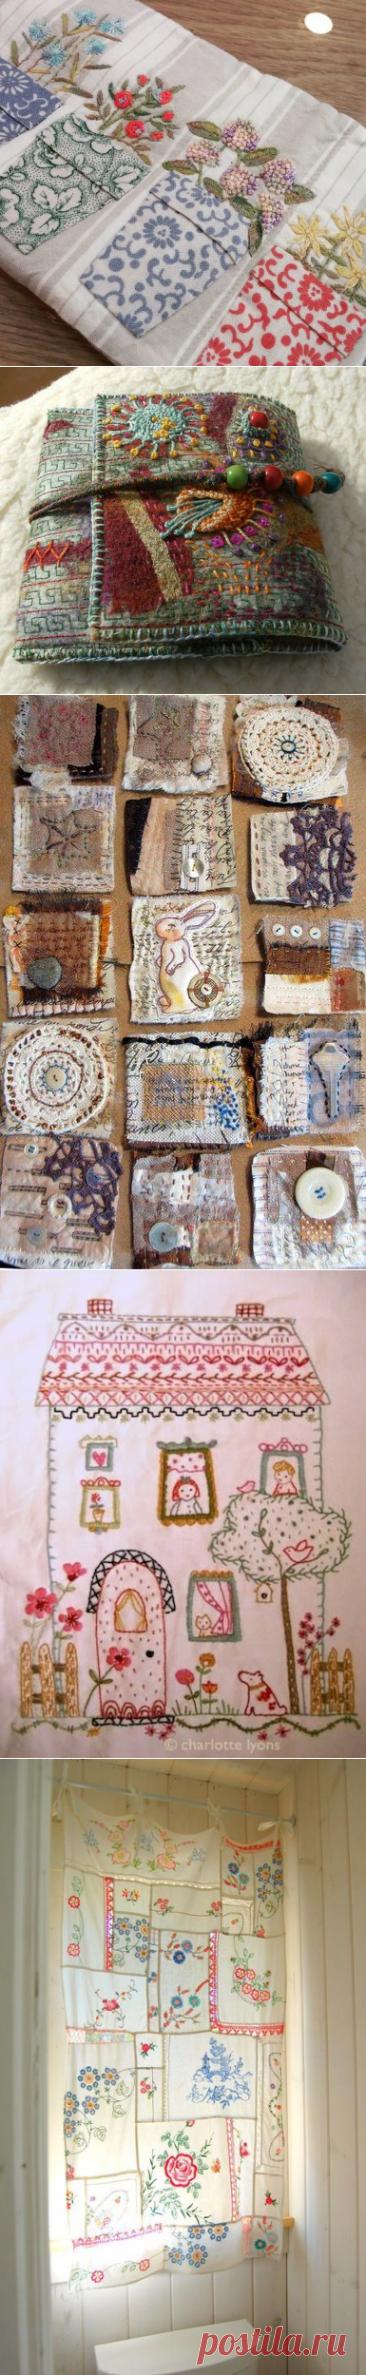 Текстиль-арт